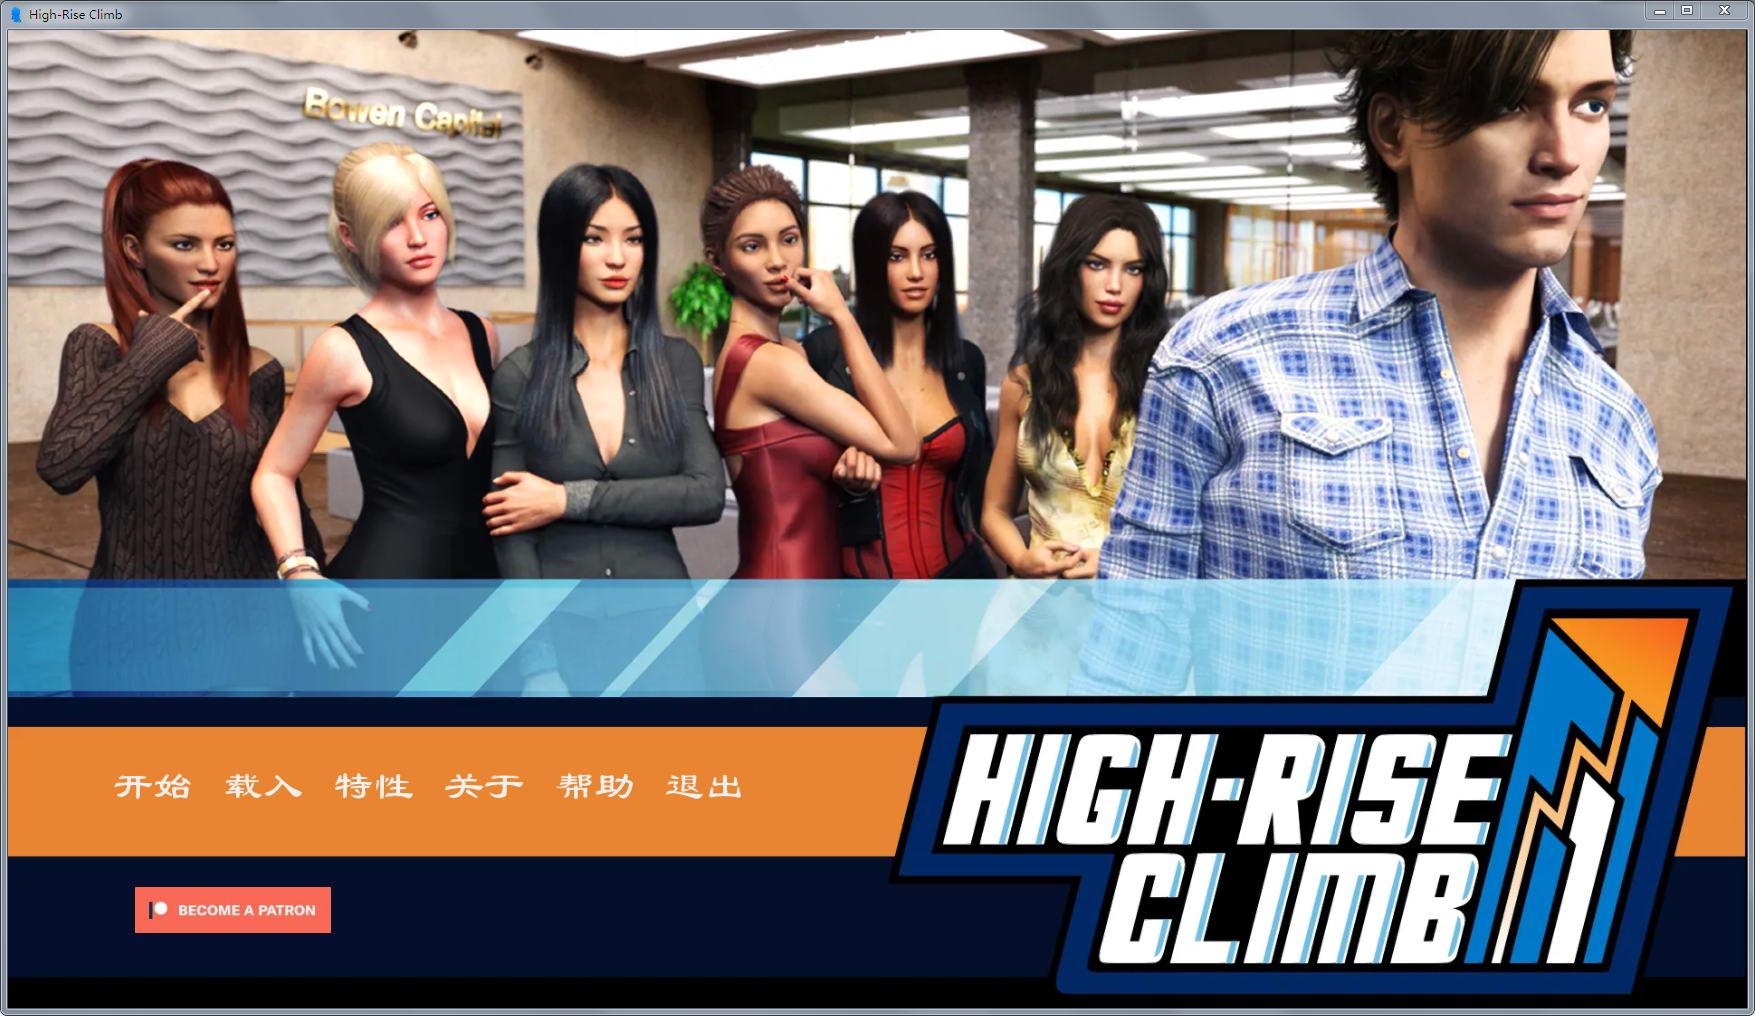 职场高升:HighRiseClimb Ver0.65a 高压汉化版+安卓版